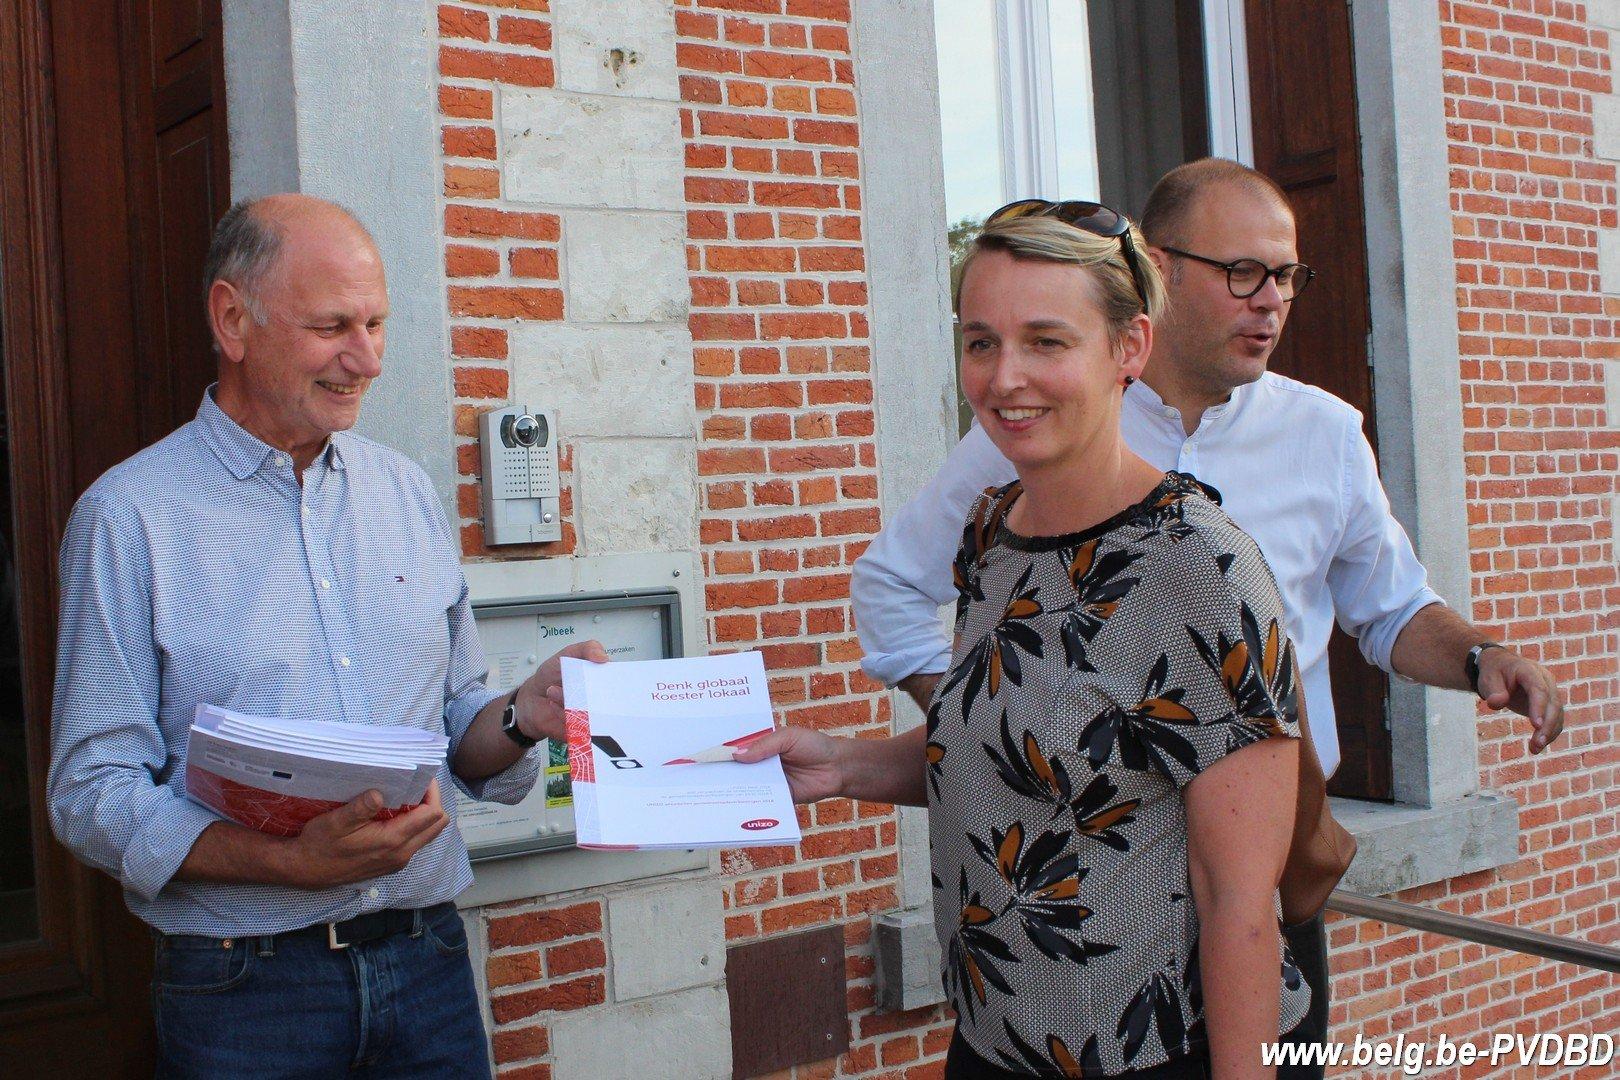 DUO-UNIZO Dilbeek overhandigen prioriteitenlijst aan fractieleiders - IMG 8234